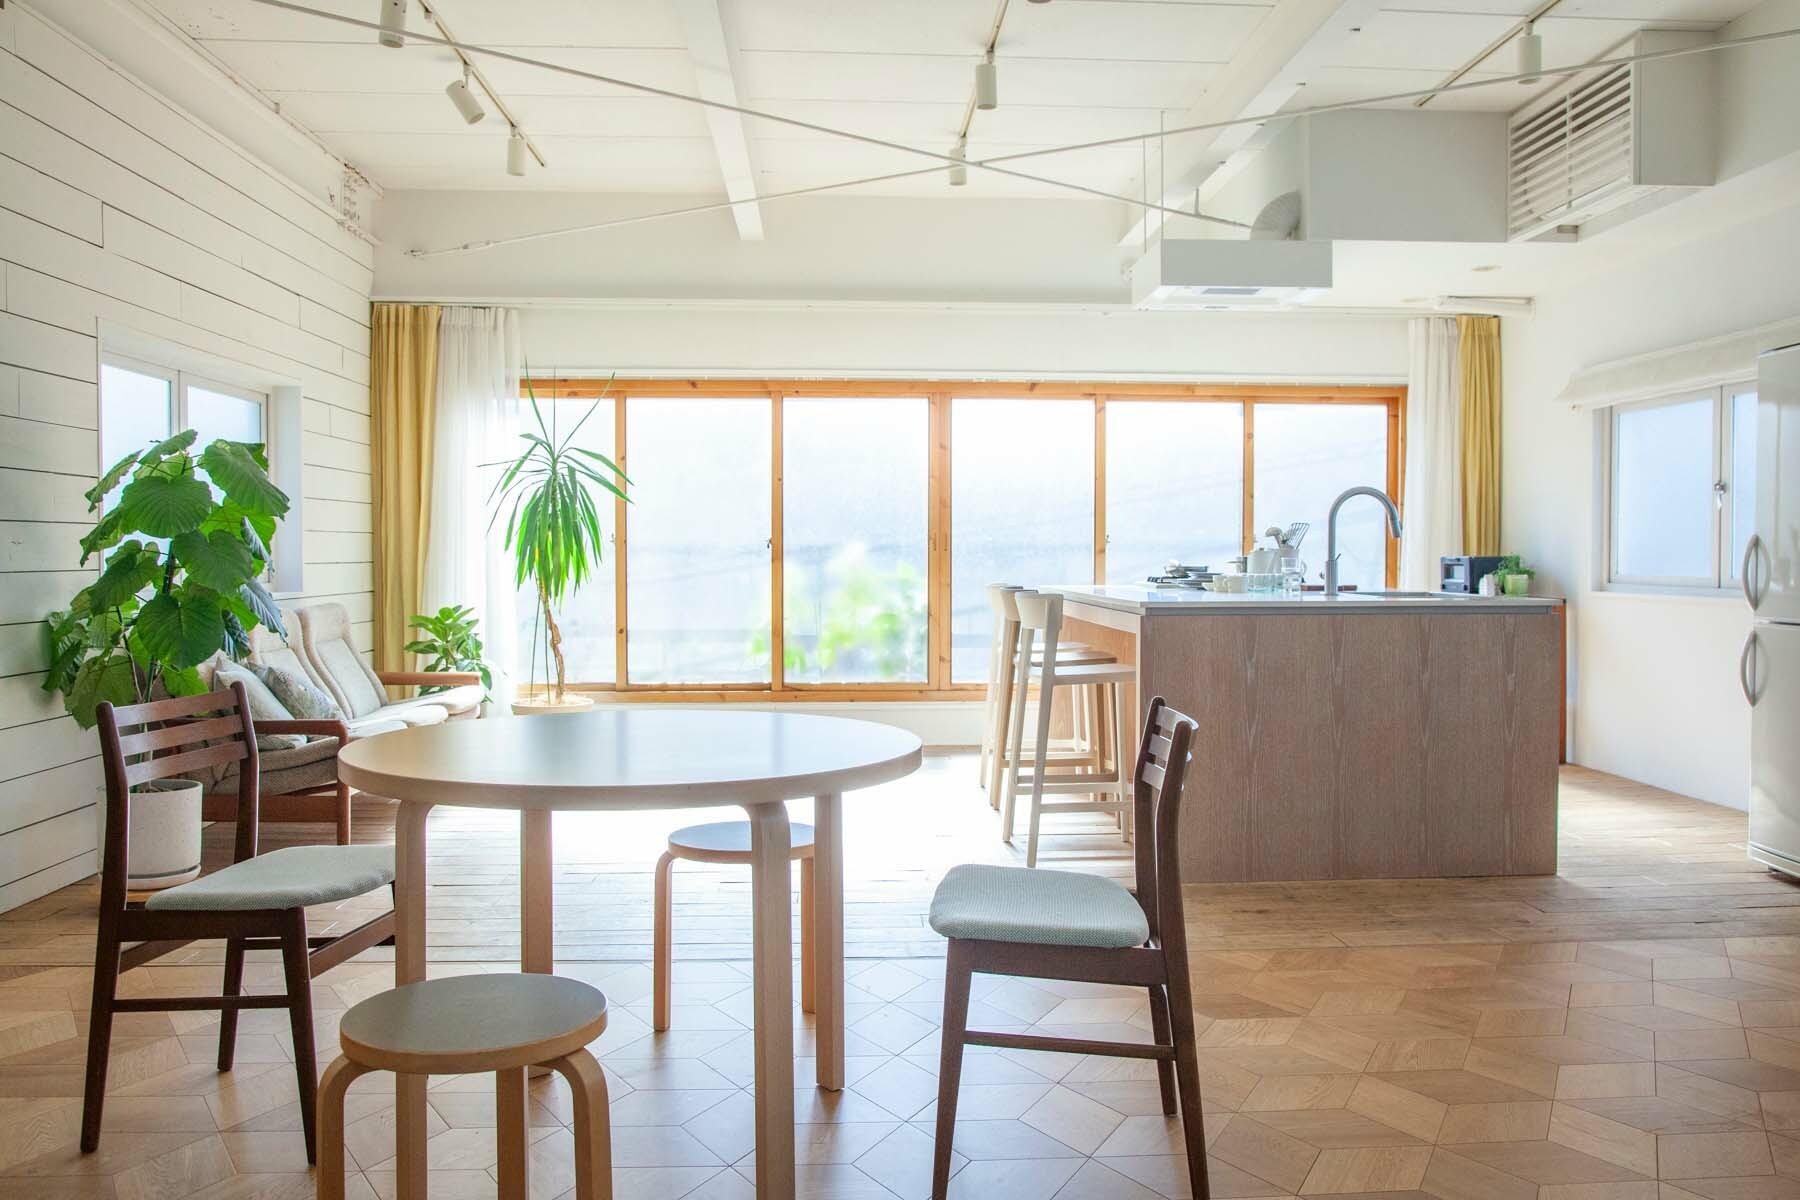 STUDIO RODAN(スタジオロダン) 2~3F2F 広々としたダイニングキッチン